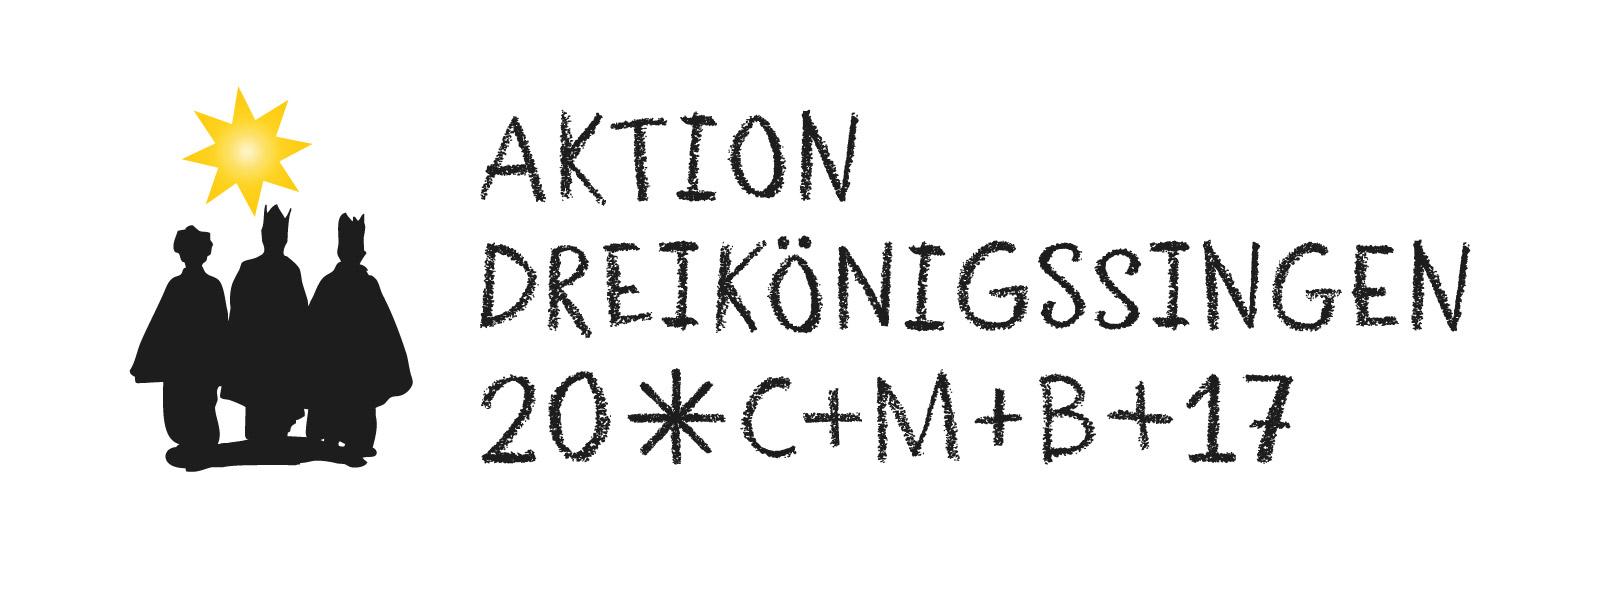 https://www.sternsinger.de/fileadmin/bildung/Bilder/dks/2017/2017_dks_logo_aktion_dreikoenigssingen.jpg